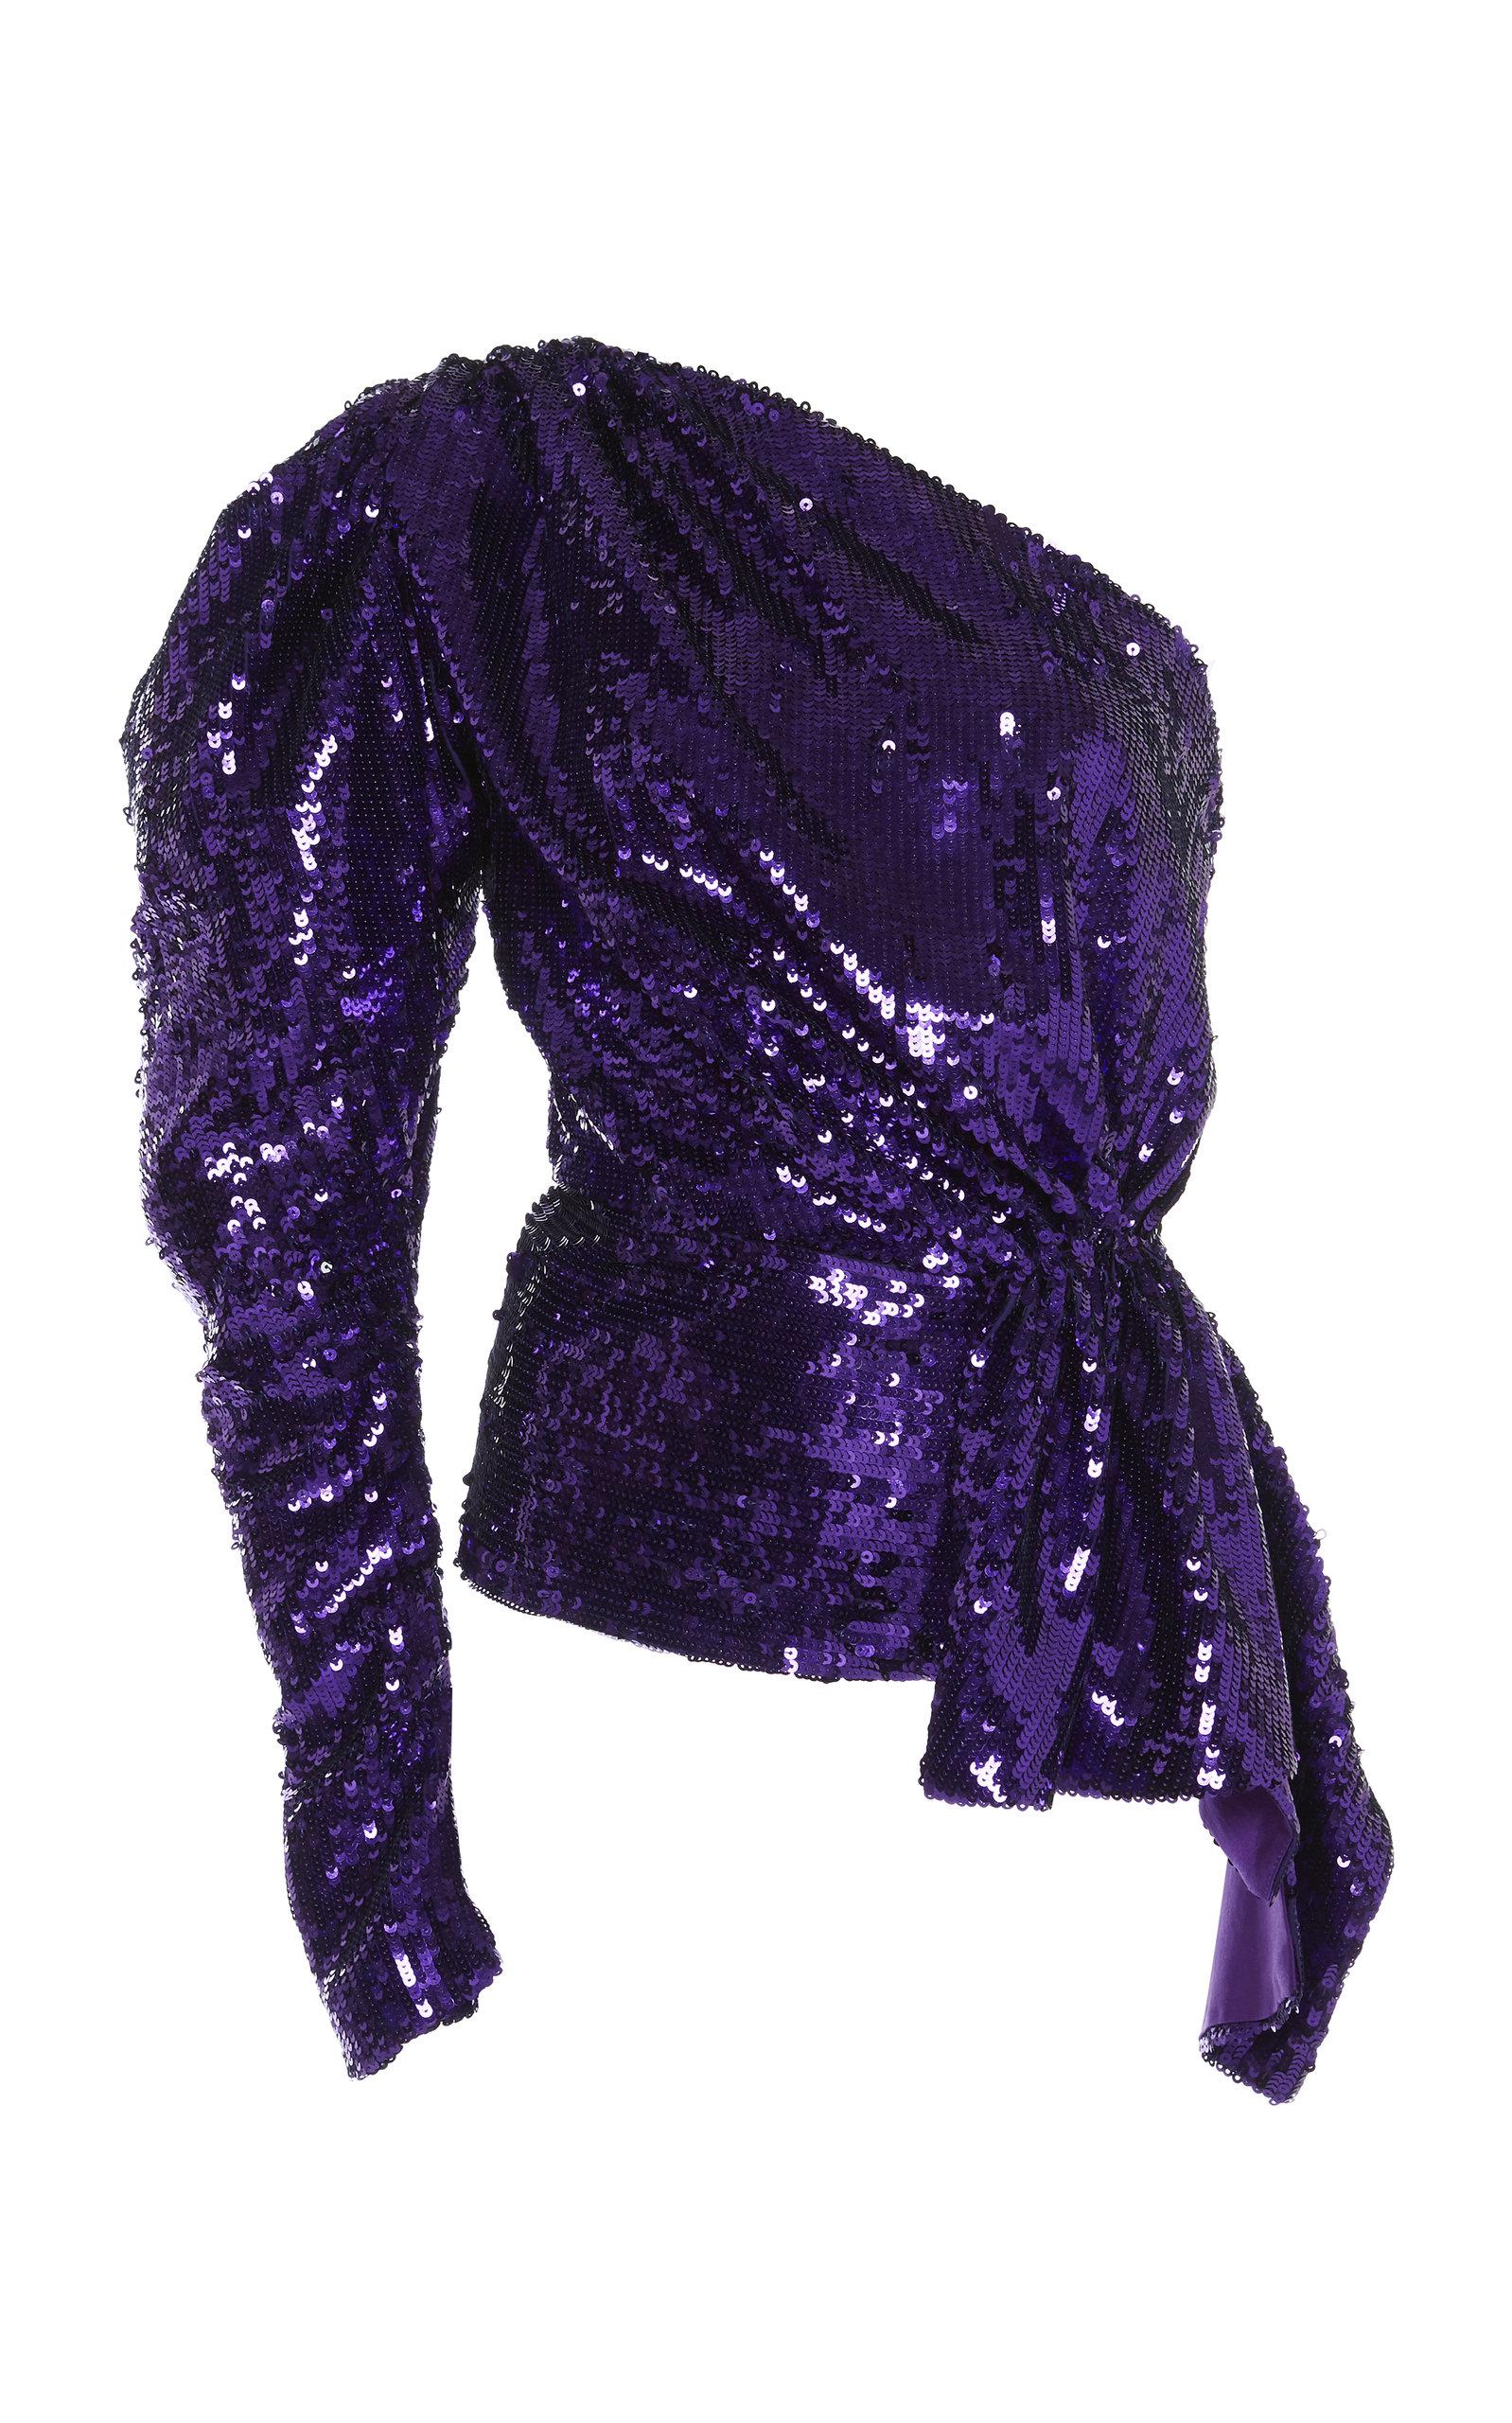 b6da1db712b70 16ArlingtonOne-Shoulder Puff Sleeve Sequin Top. CLOSE. Loading